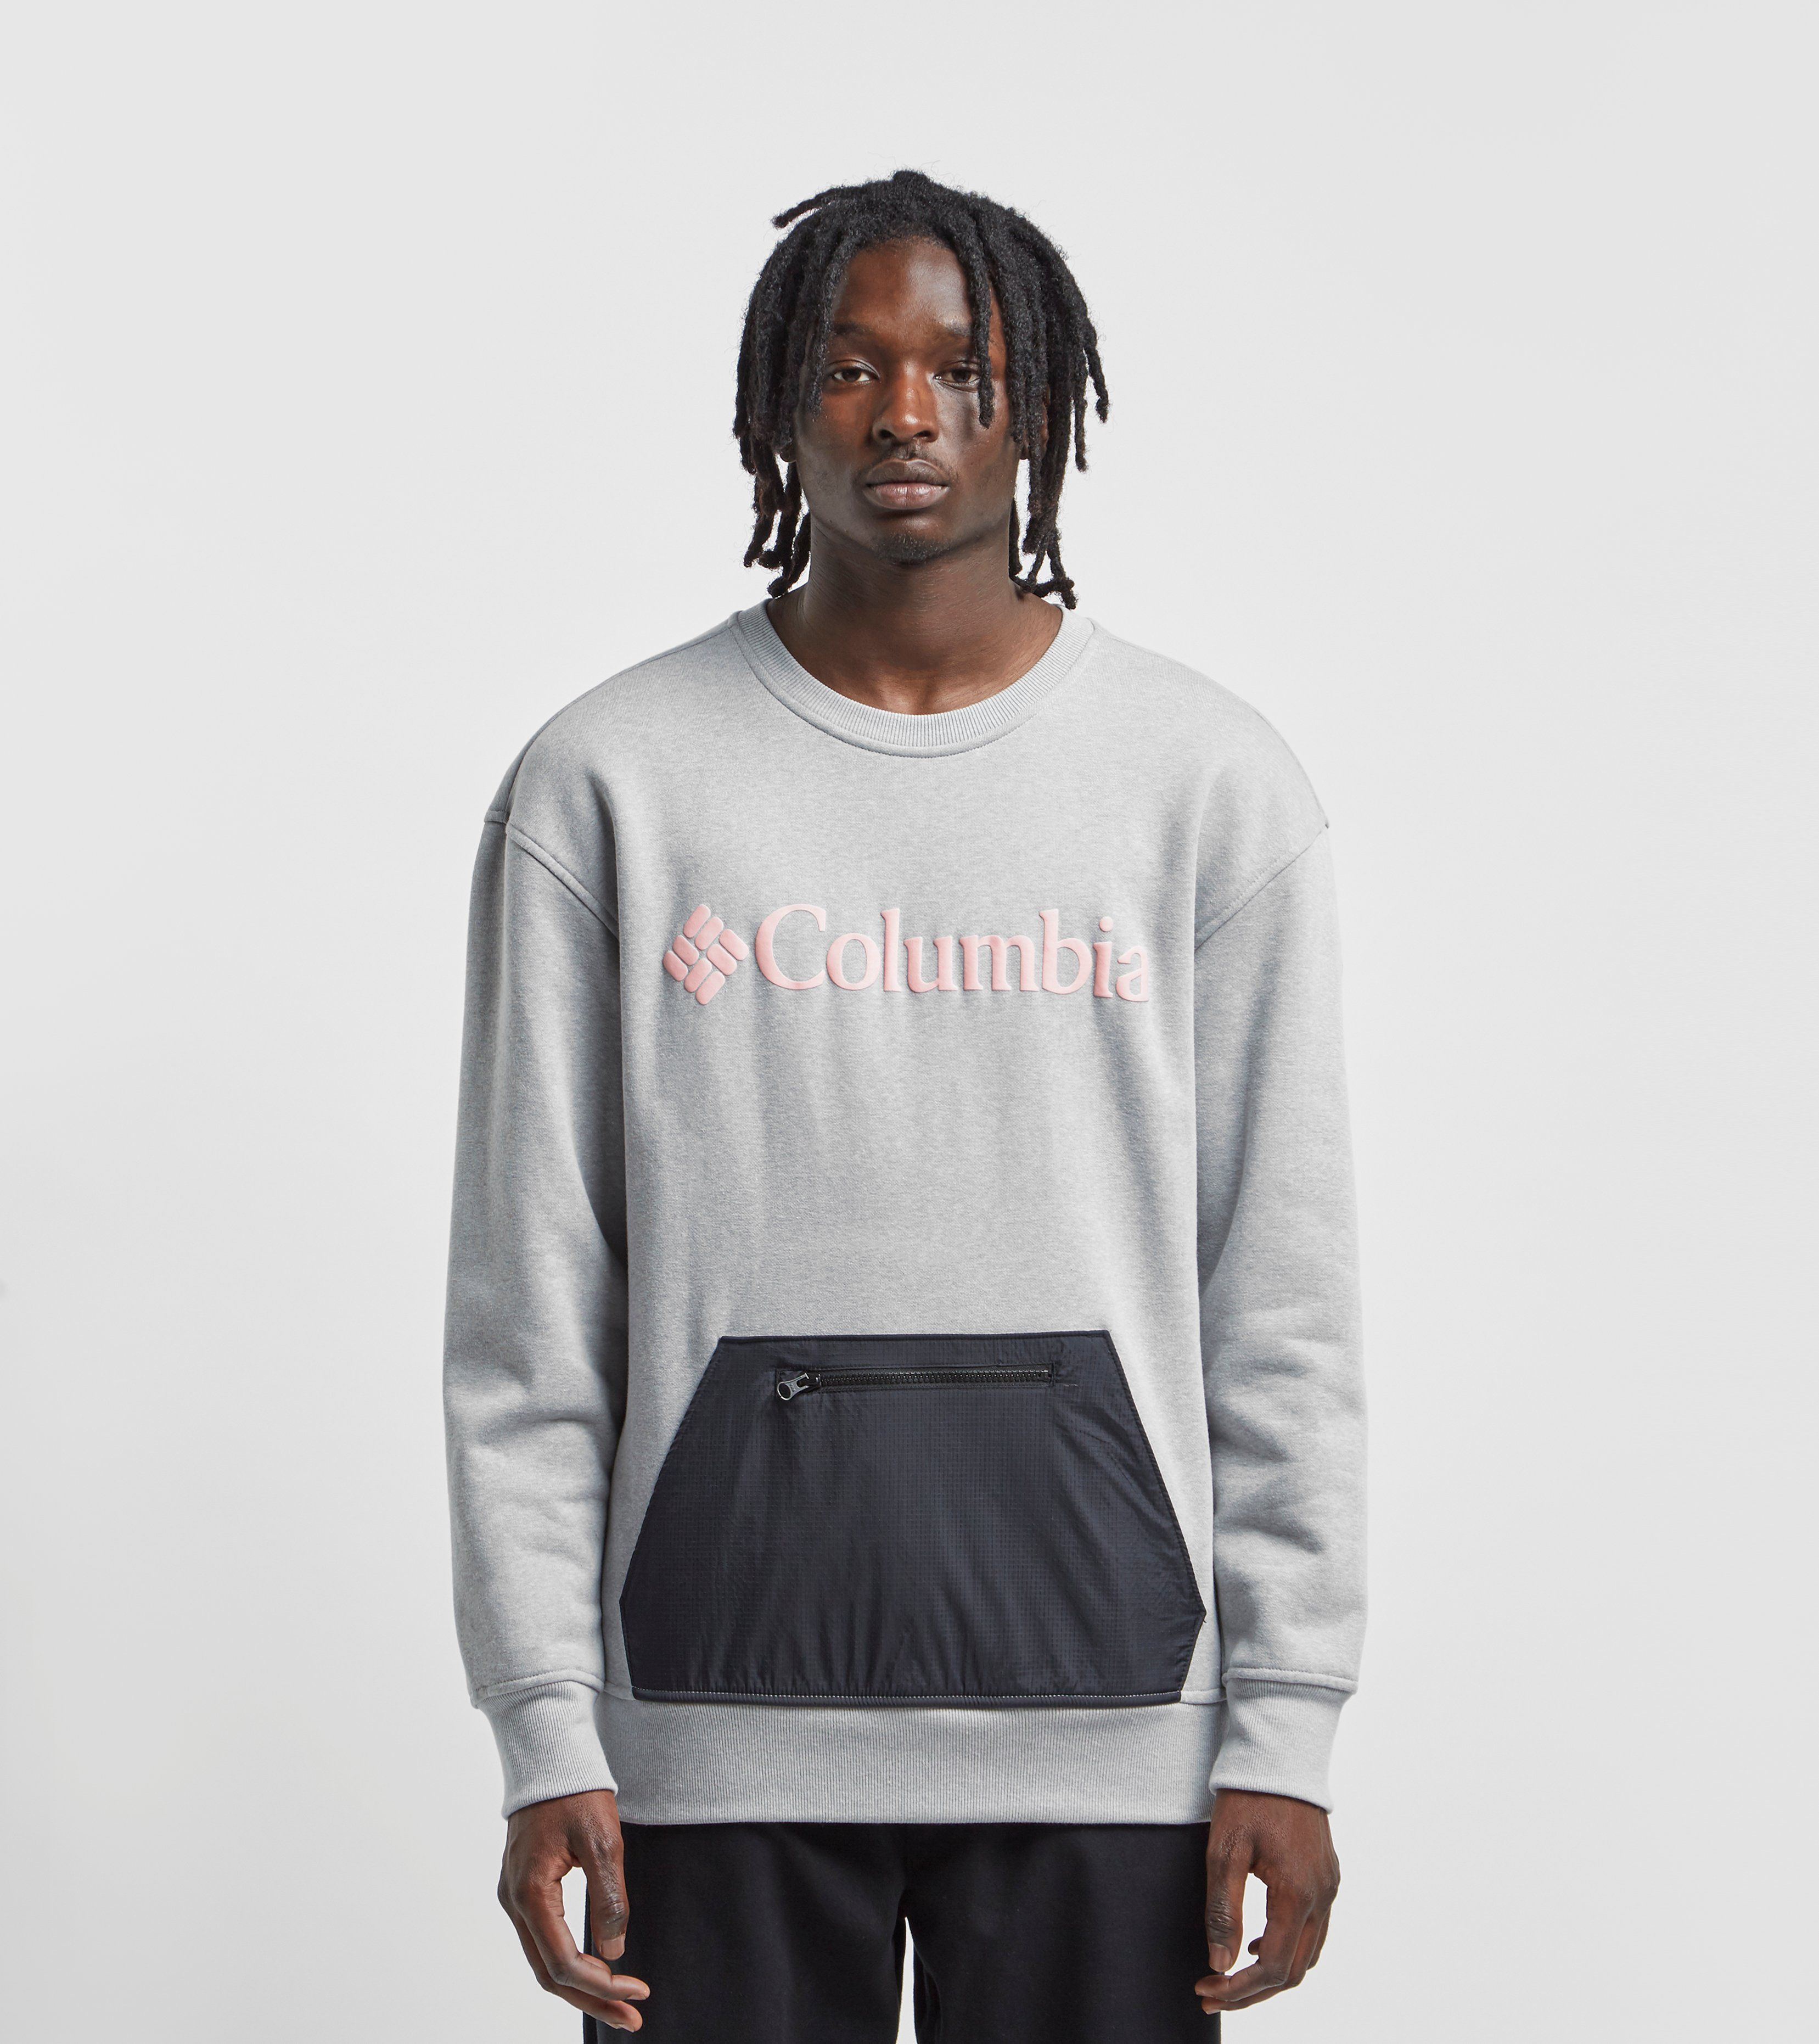 Columbia Freemont Sweatshirt